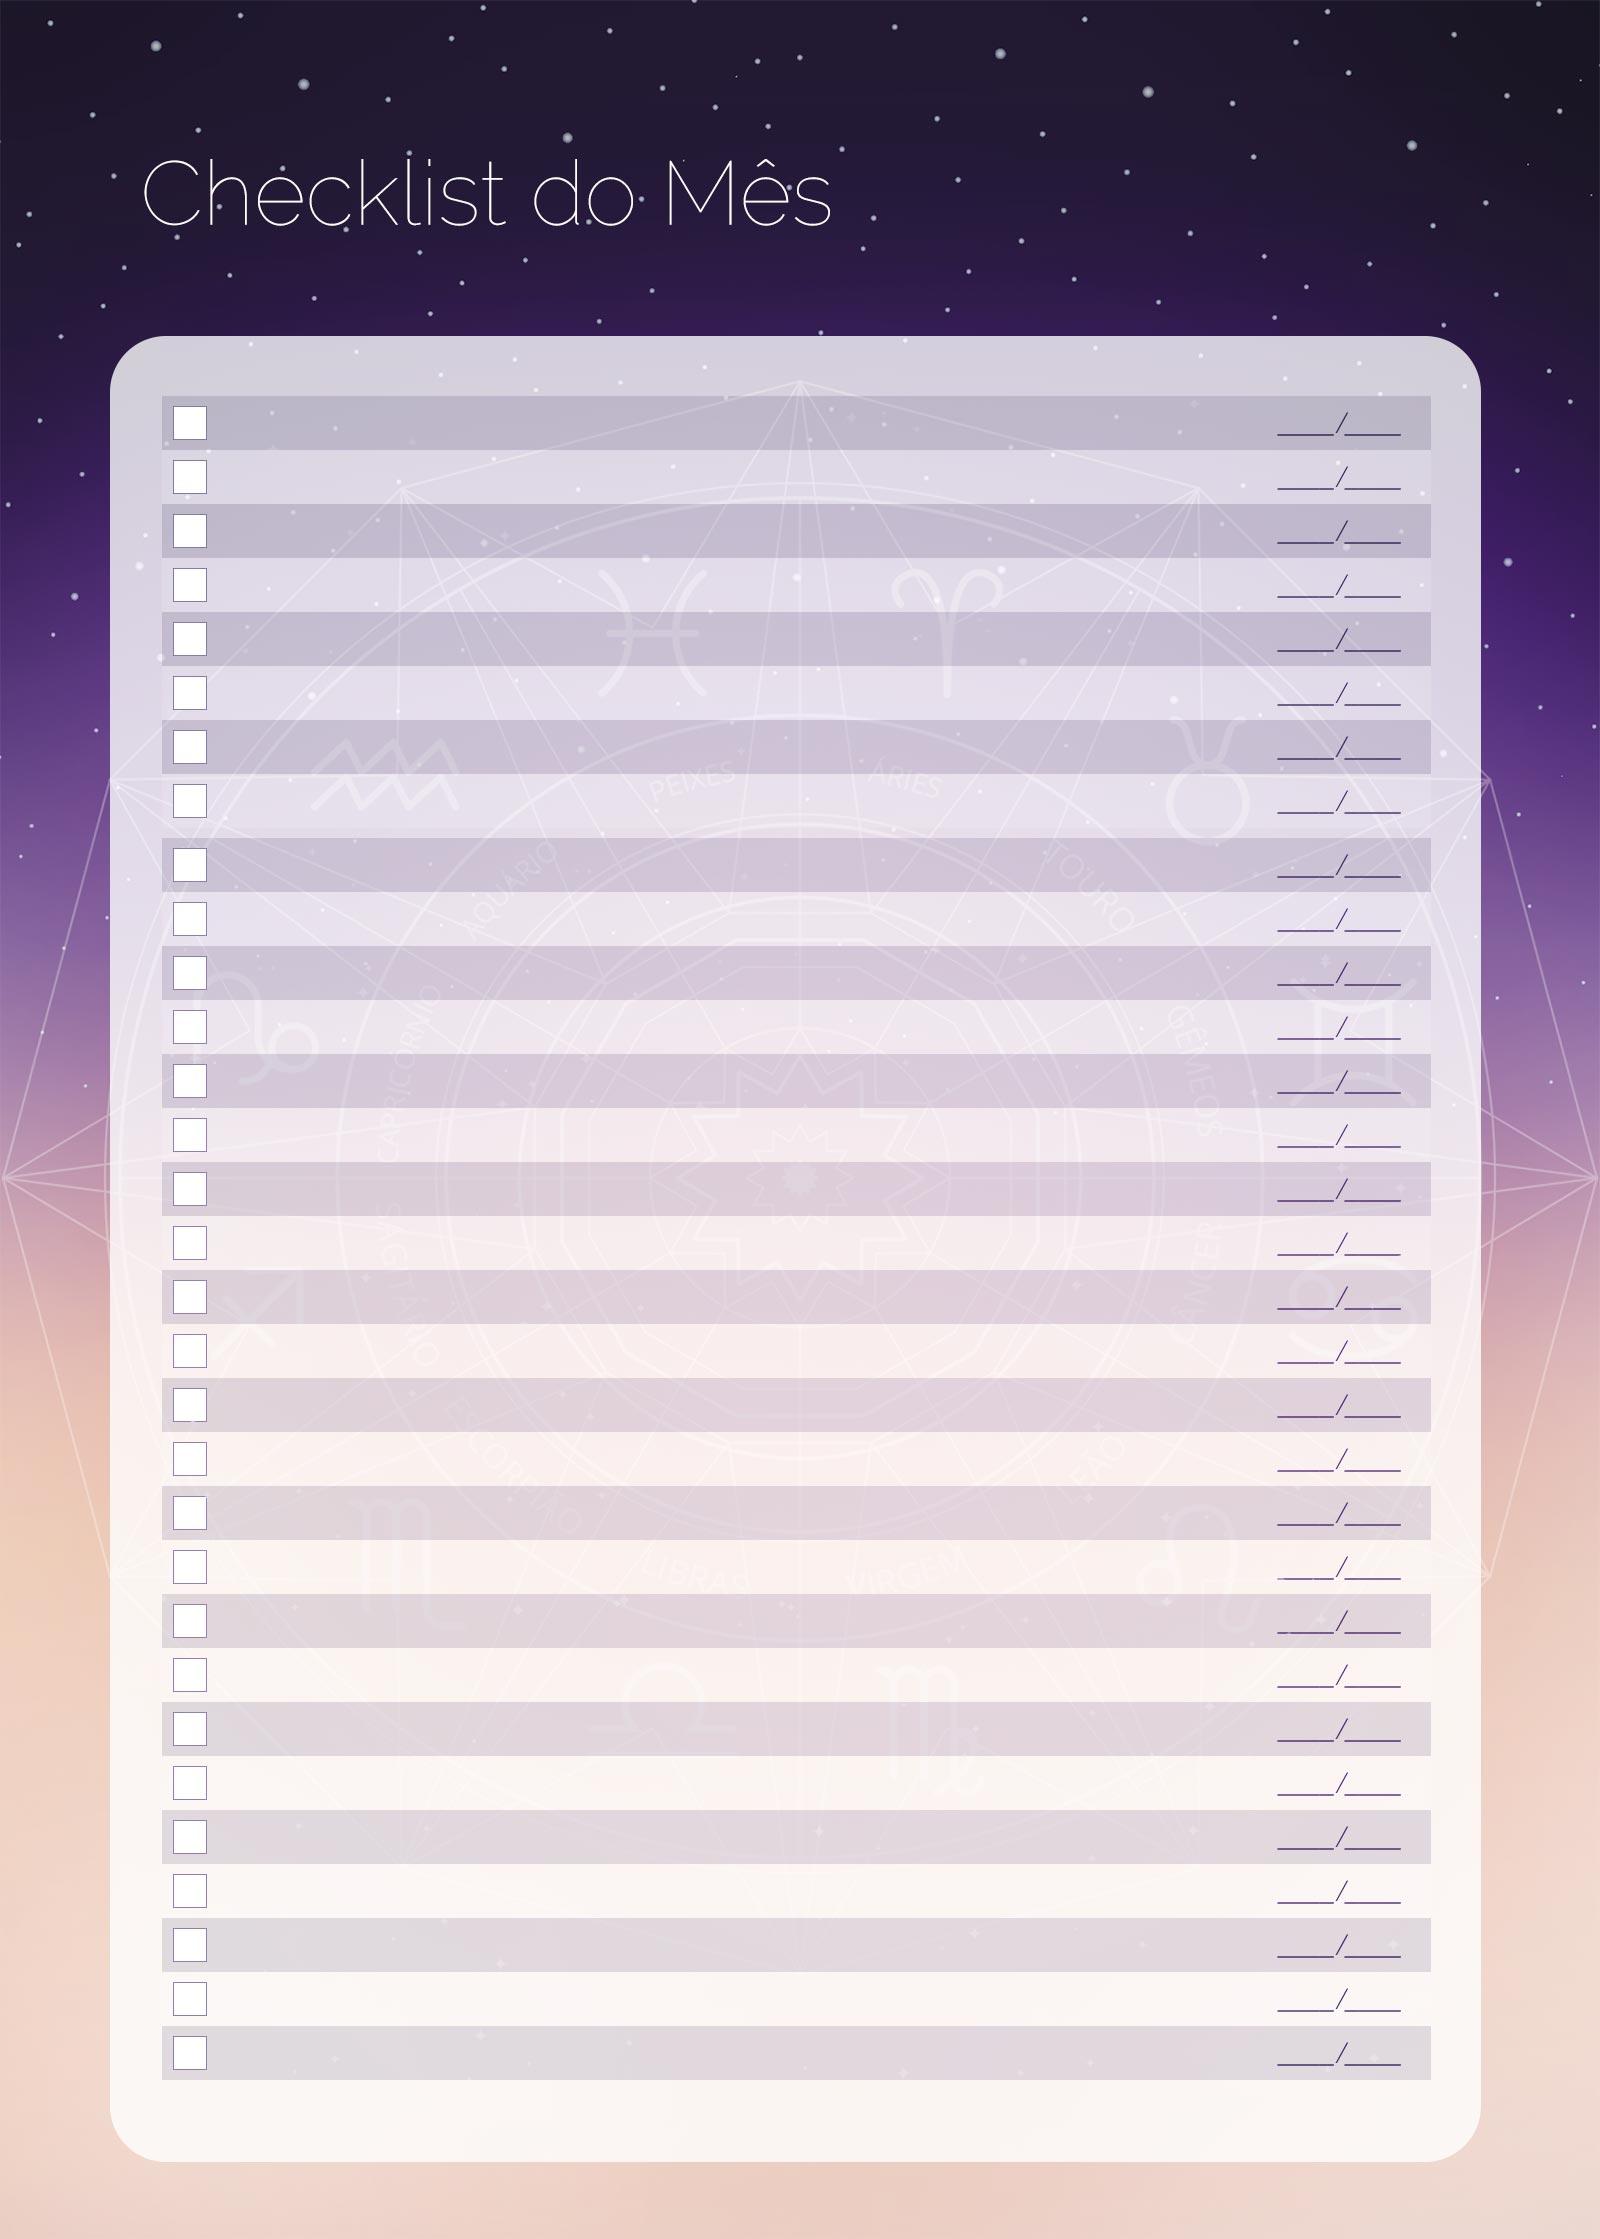 Planner 2021 Signos Checklist Mensal